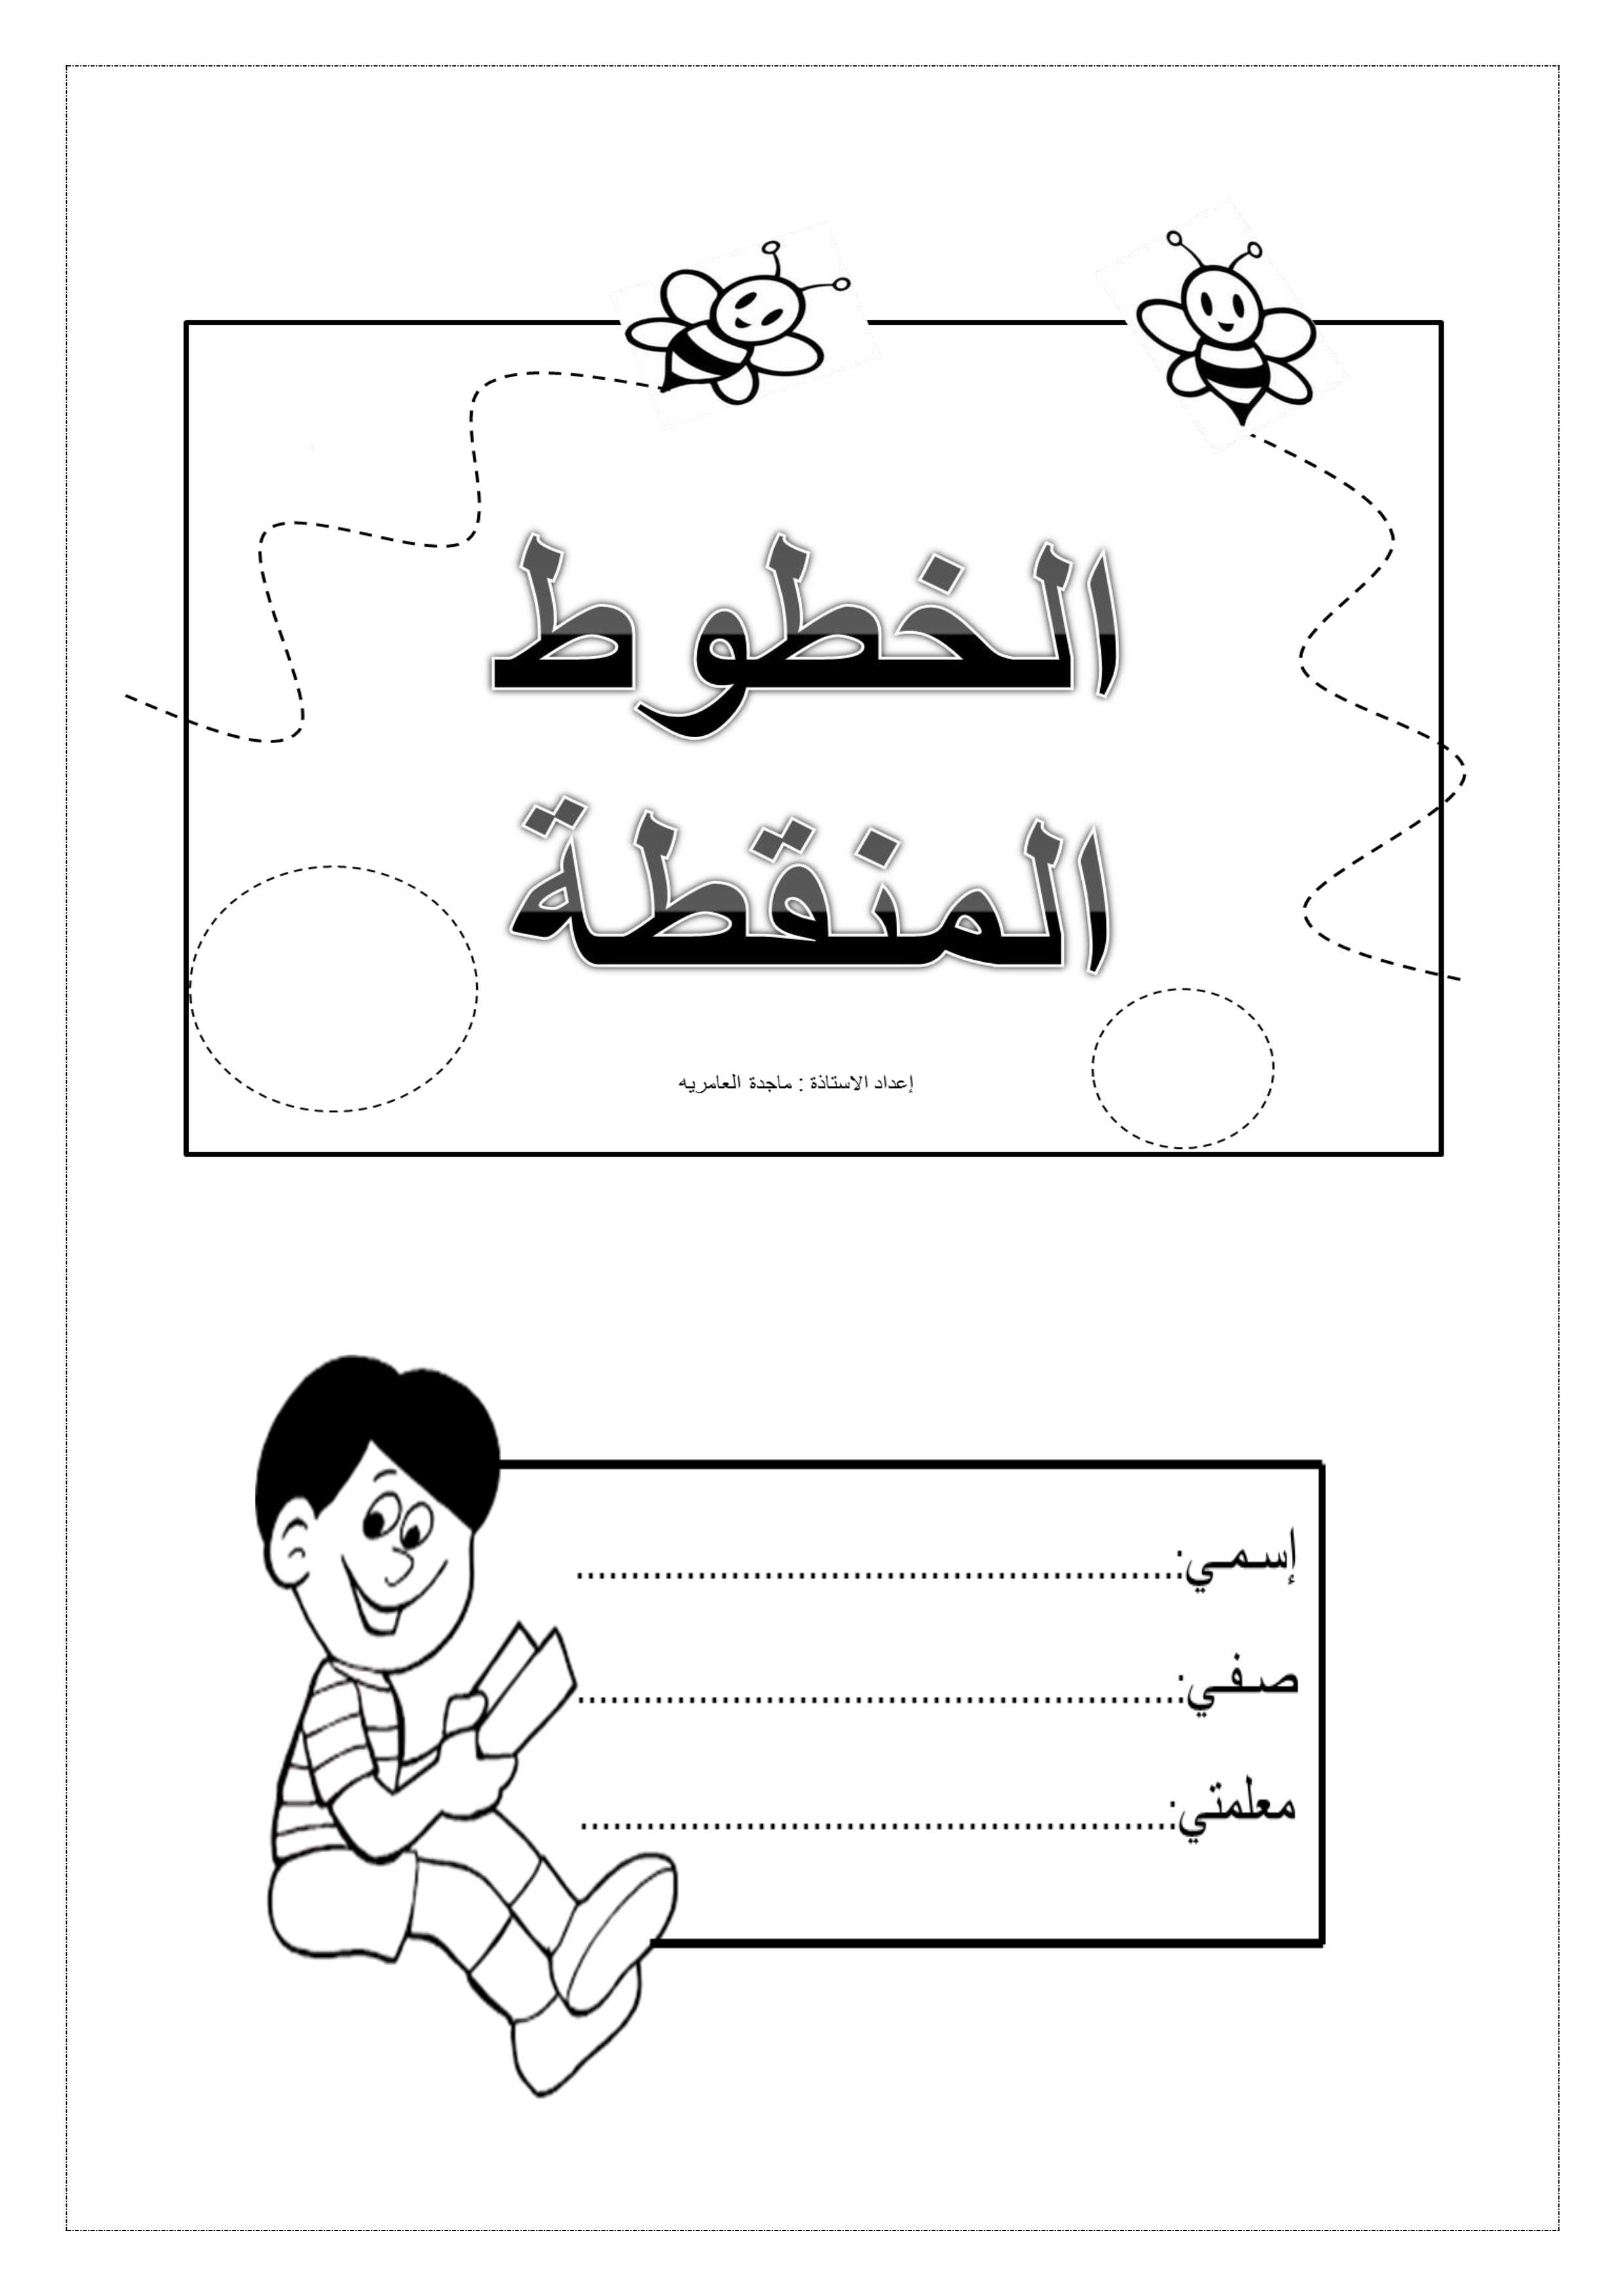 انشطة الخطوط المنقطة لتدريب الاطفال على مسك القلم المعلمة أسماء